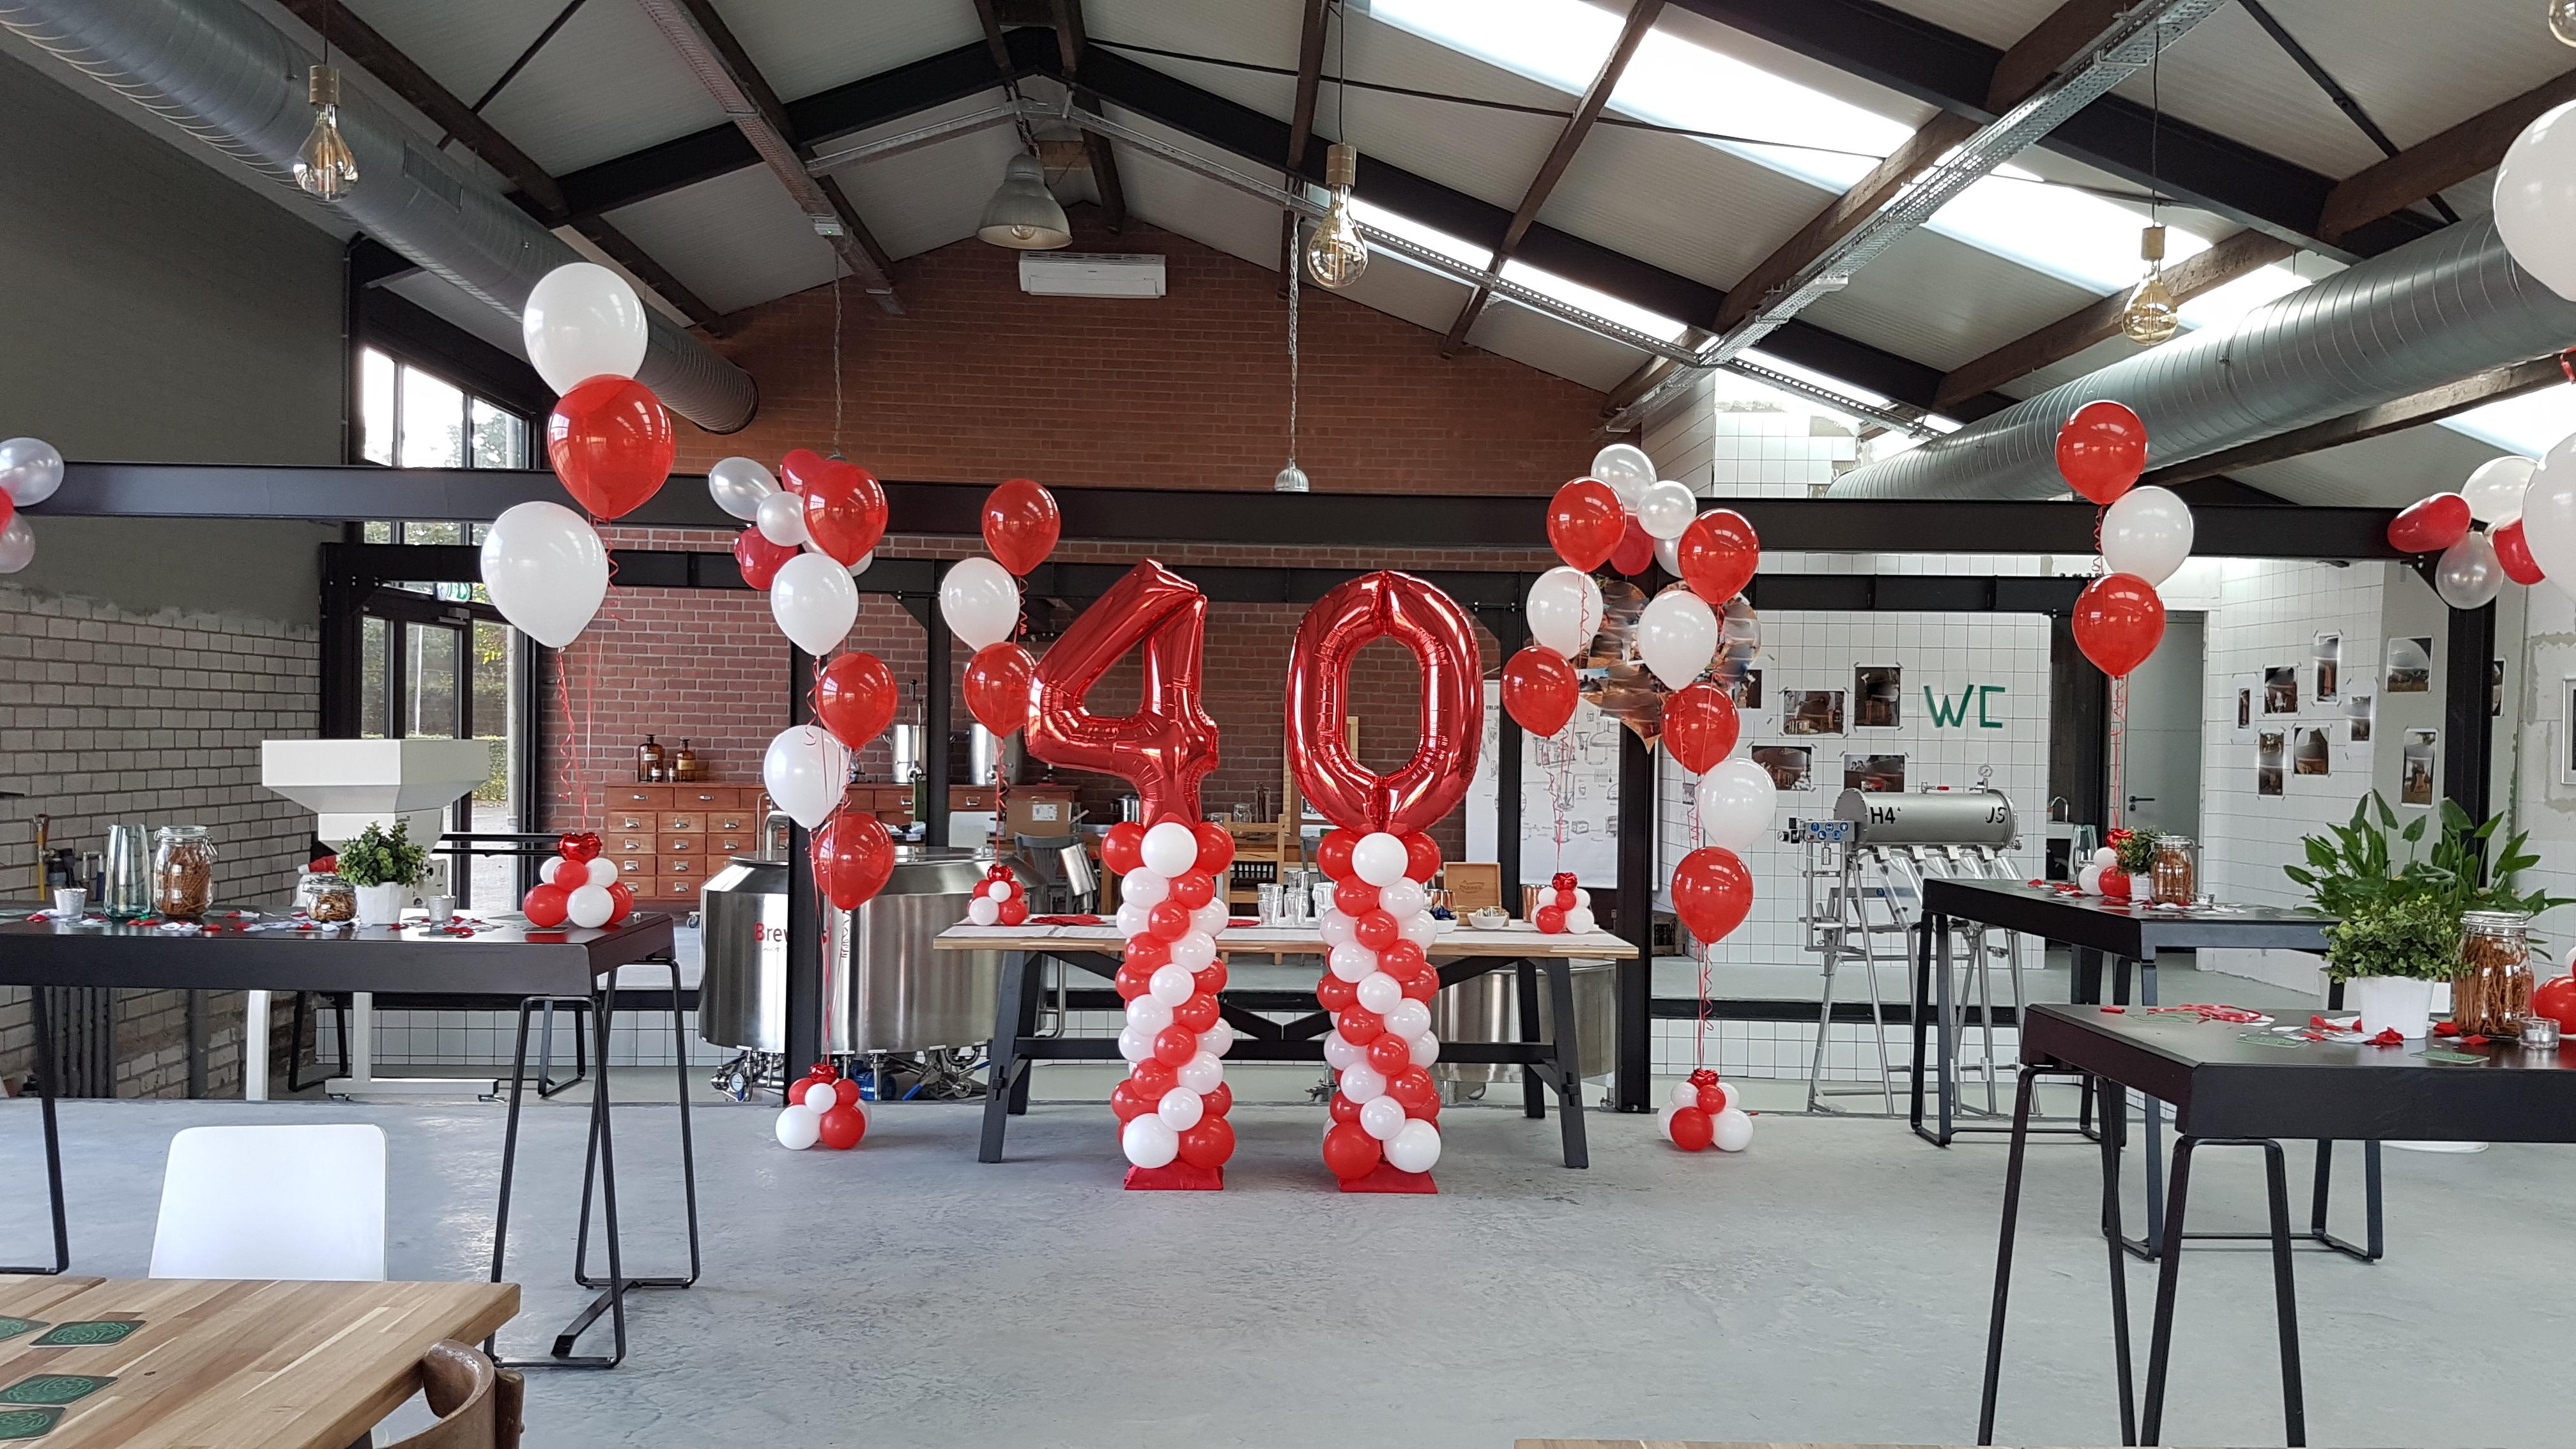 Heliumballonnen ballontrossen gronddecoratie vloerdecoratie tafeldecoratie cijferdecoratie 40 jarige bruiloft Balloon Styling Tilburg